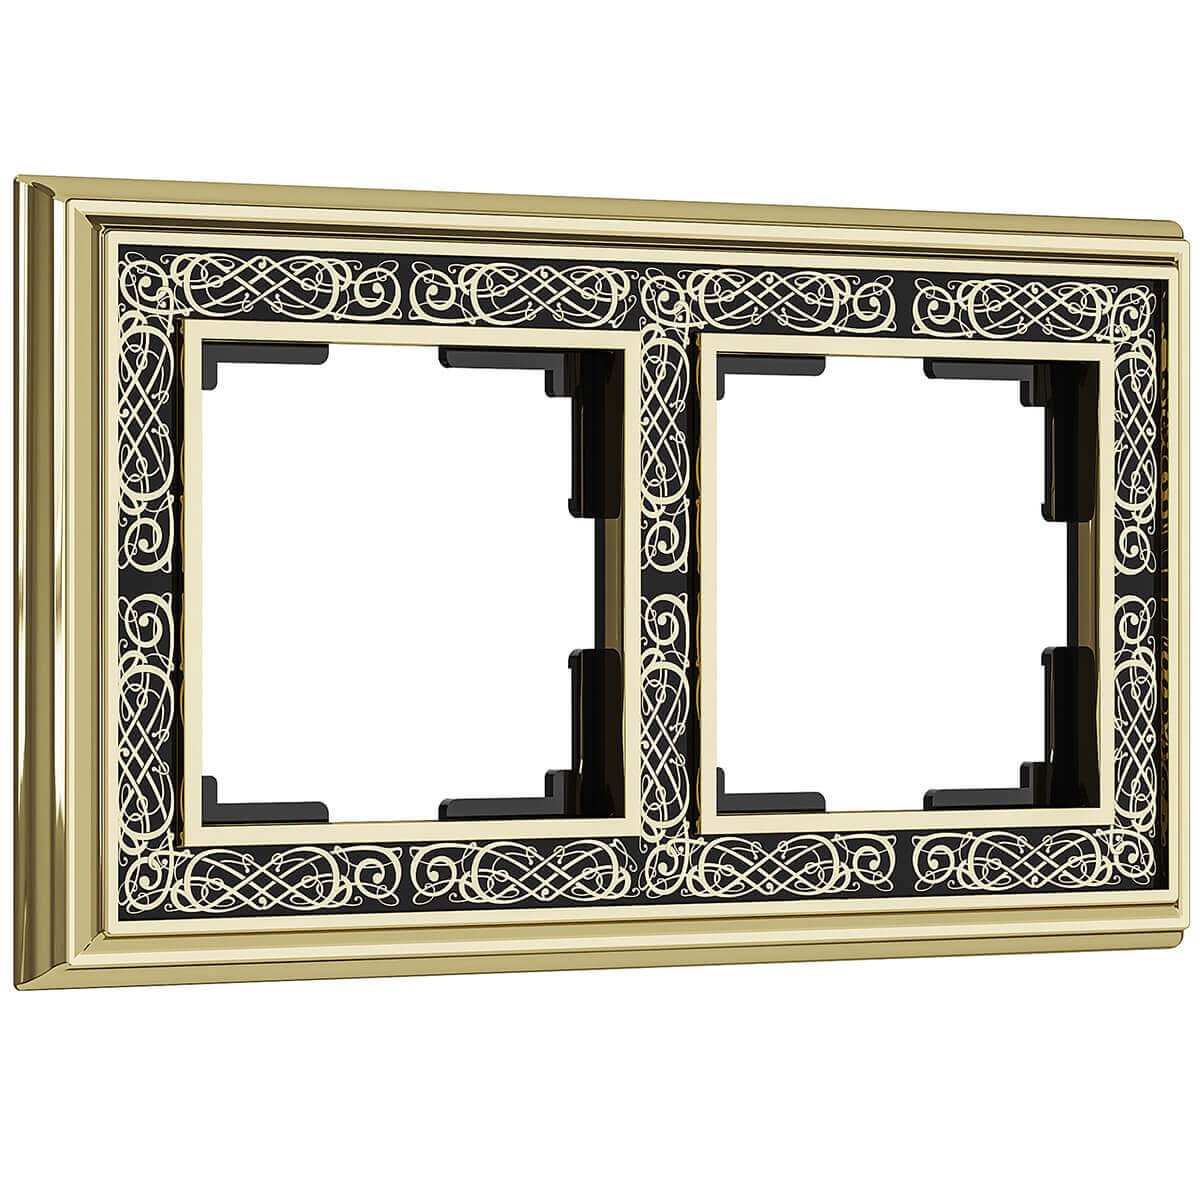 Рамка Palacio Gracia на 2 поста золото/черный WL77-Frame-02 4690389126055